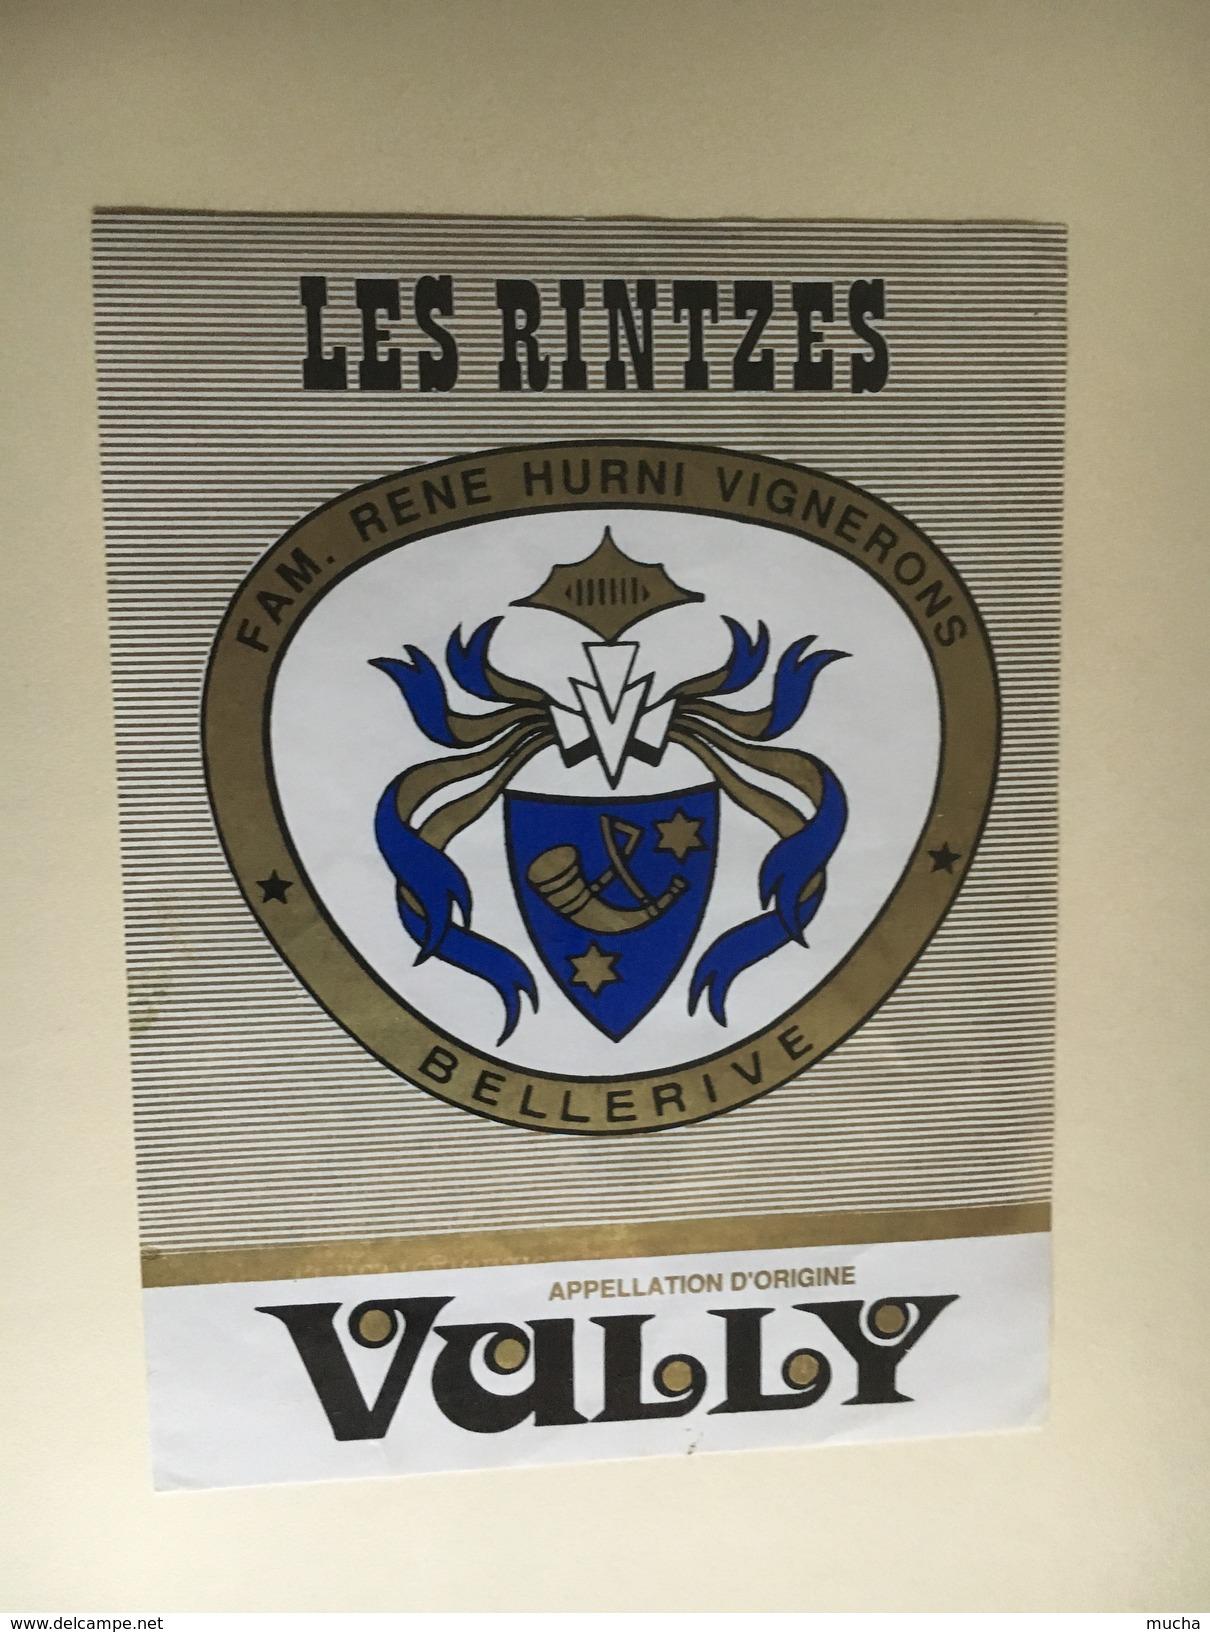 6384 - Vully Les Rintzes René Hurrni Bellerive Suisse Petite étiquette - Sonstige